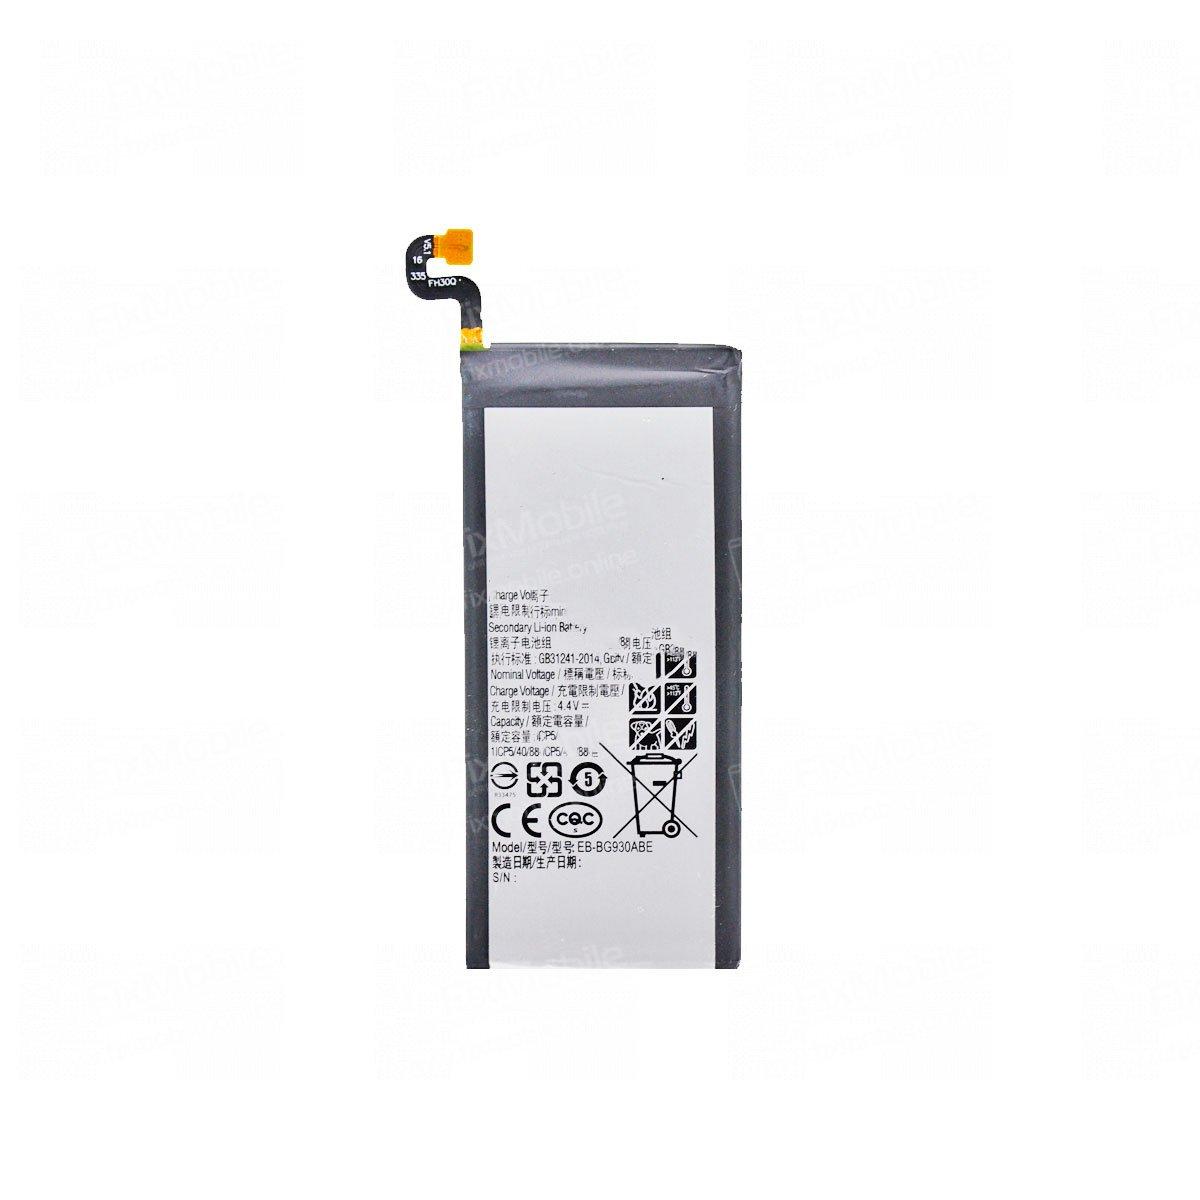 Аккумуляторная батарея для Samsung Galaxy S7 (G930F) EB-BG930ABE